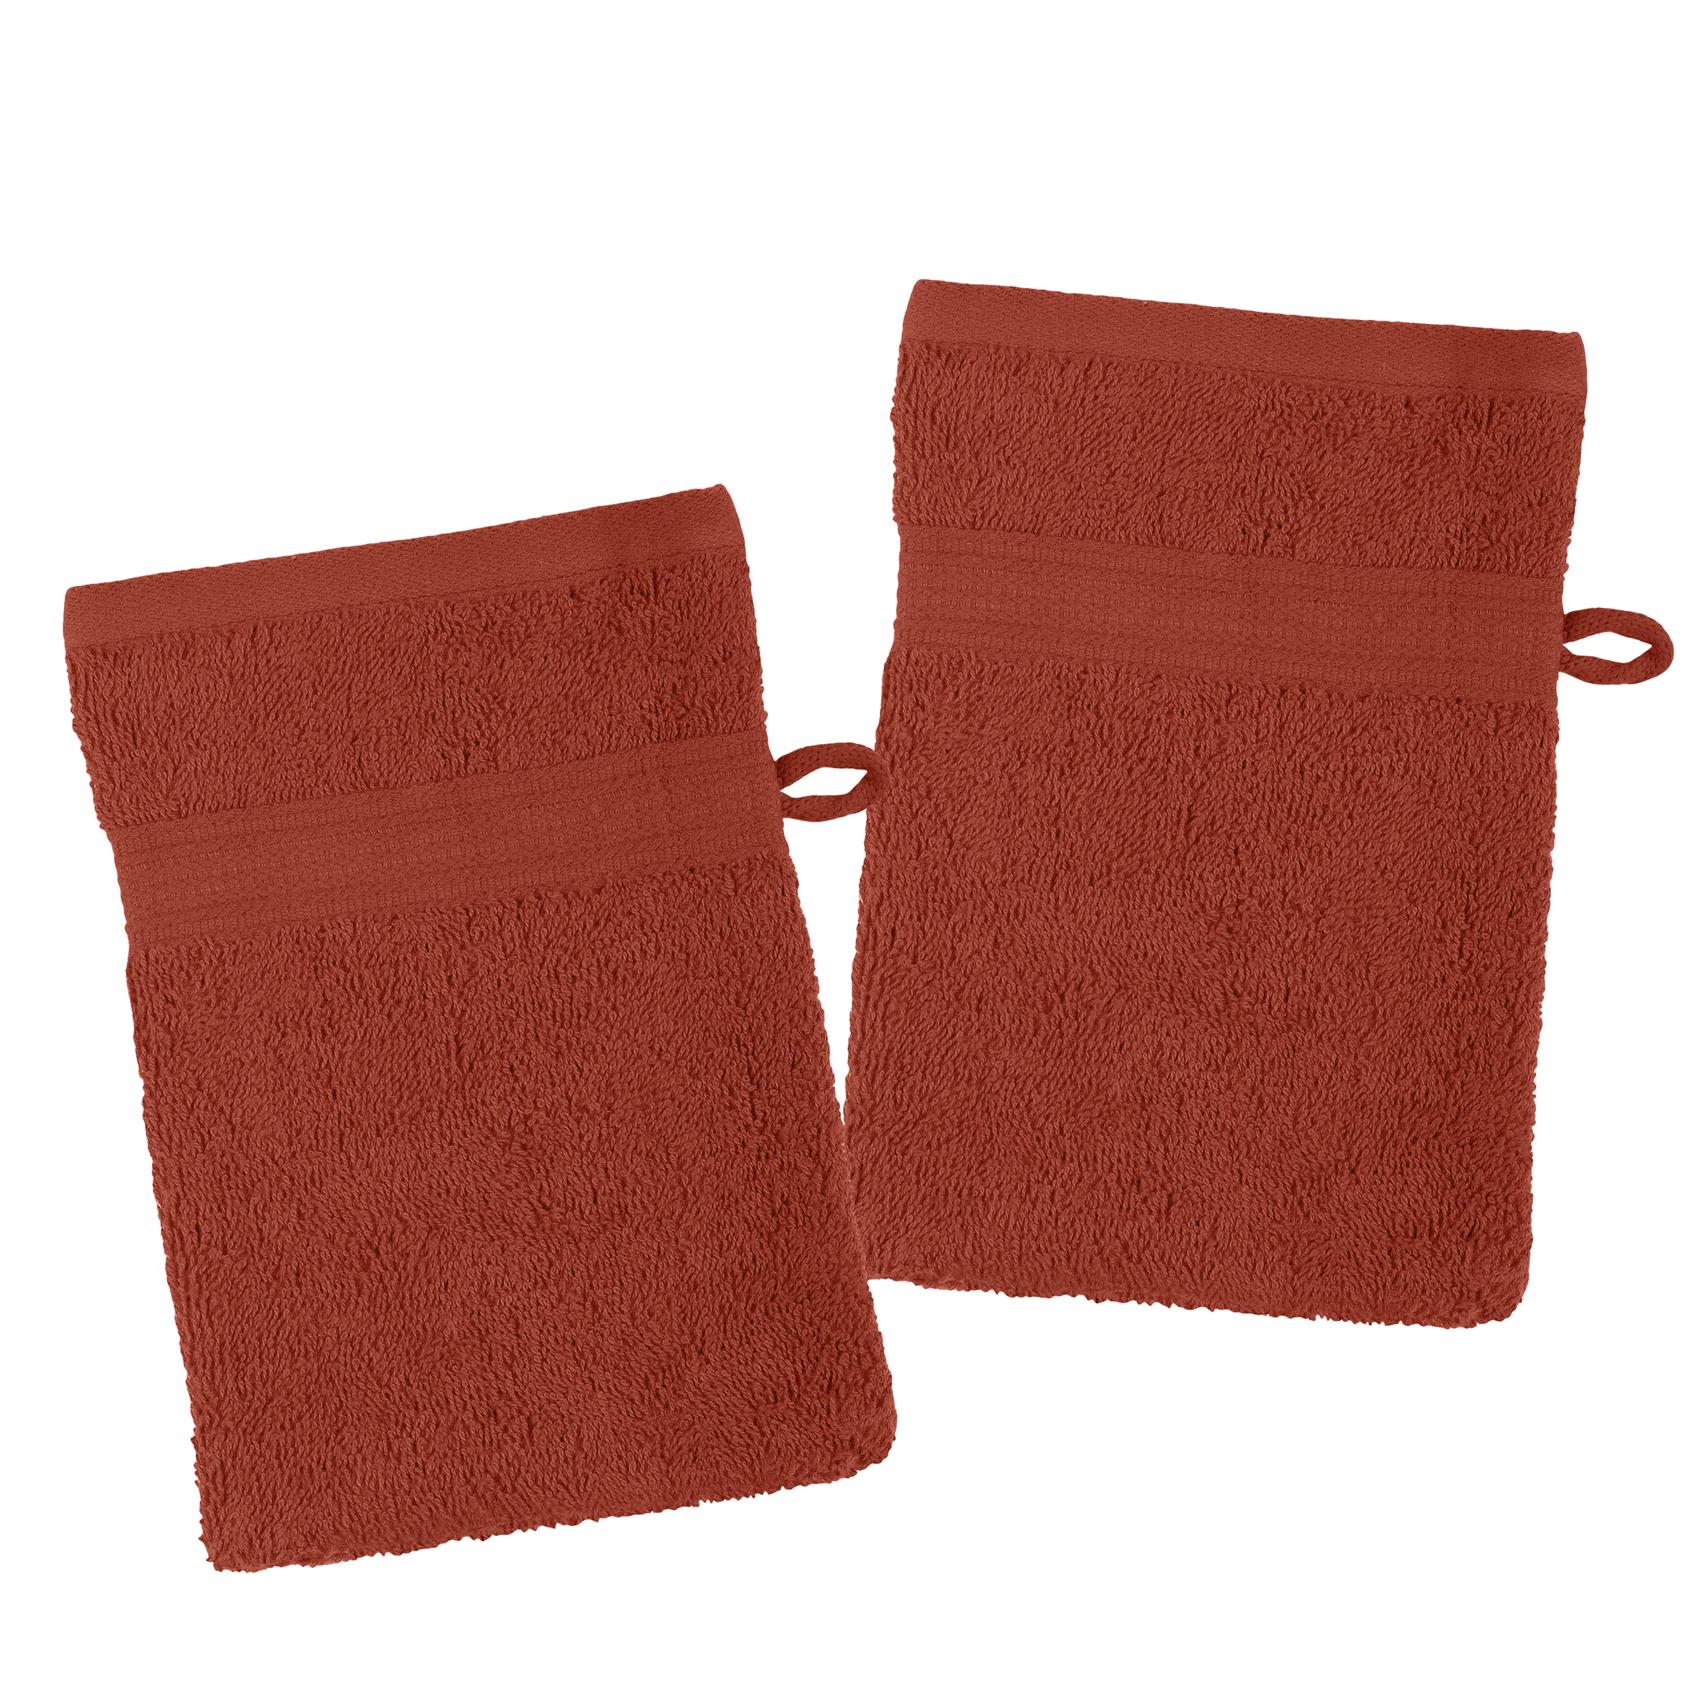 Lot de 2 gants de toilette en coton bio coton terracotta 21x15